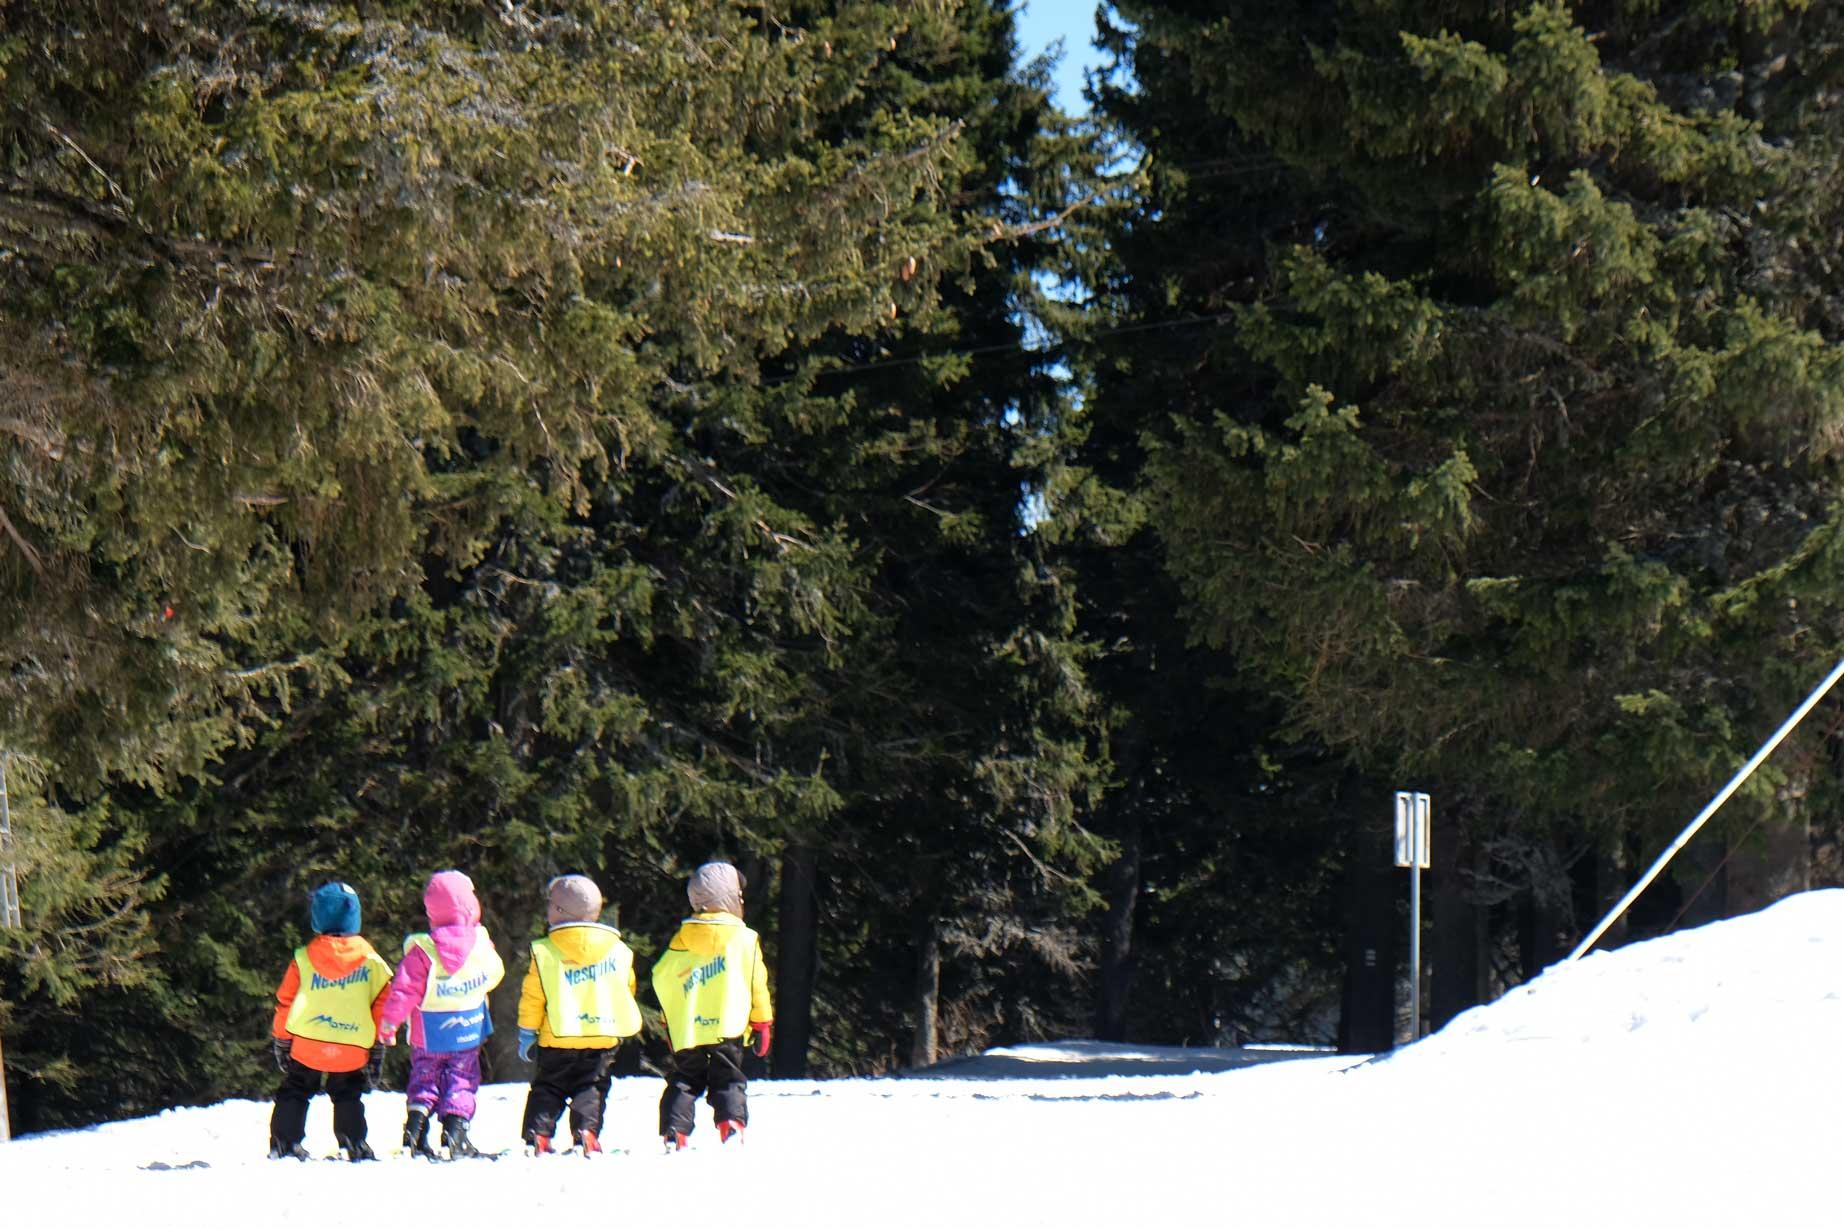 Vier Kinder auf Skiern im Schnee